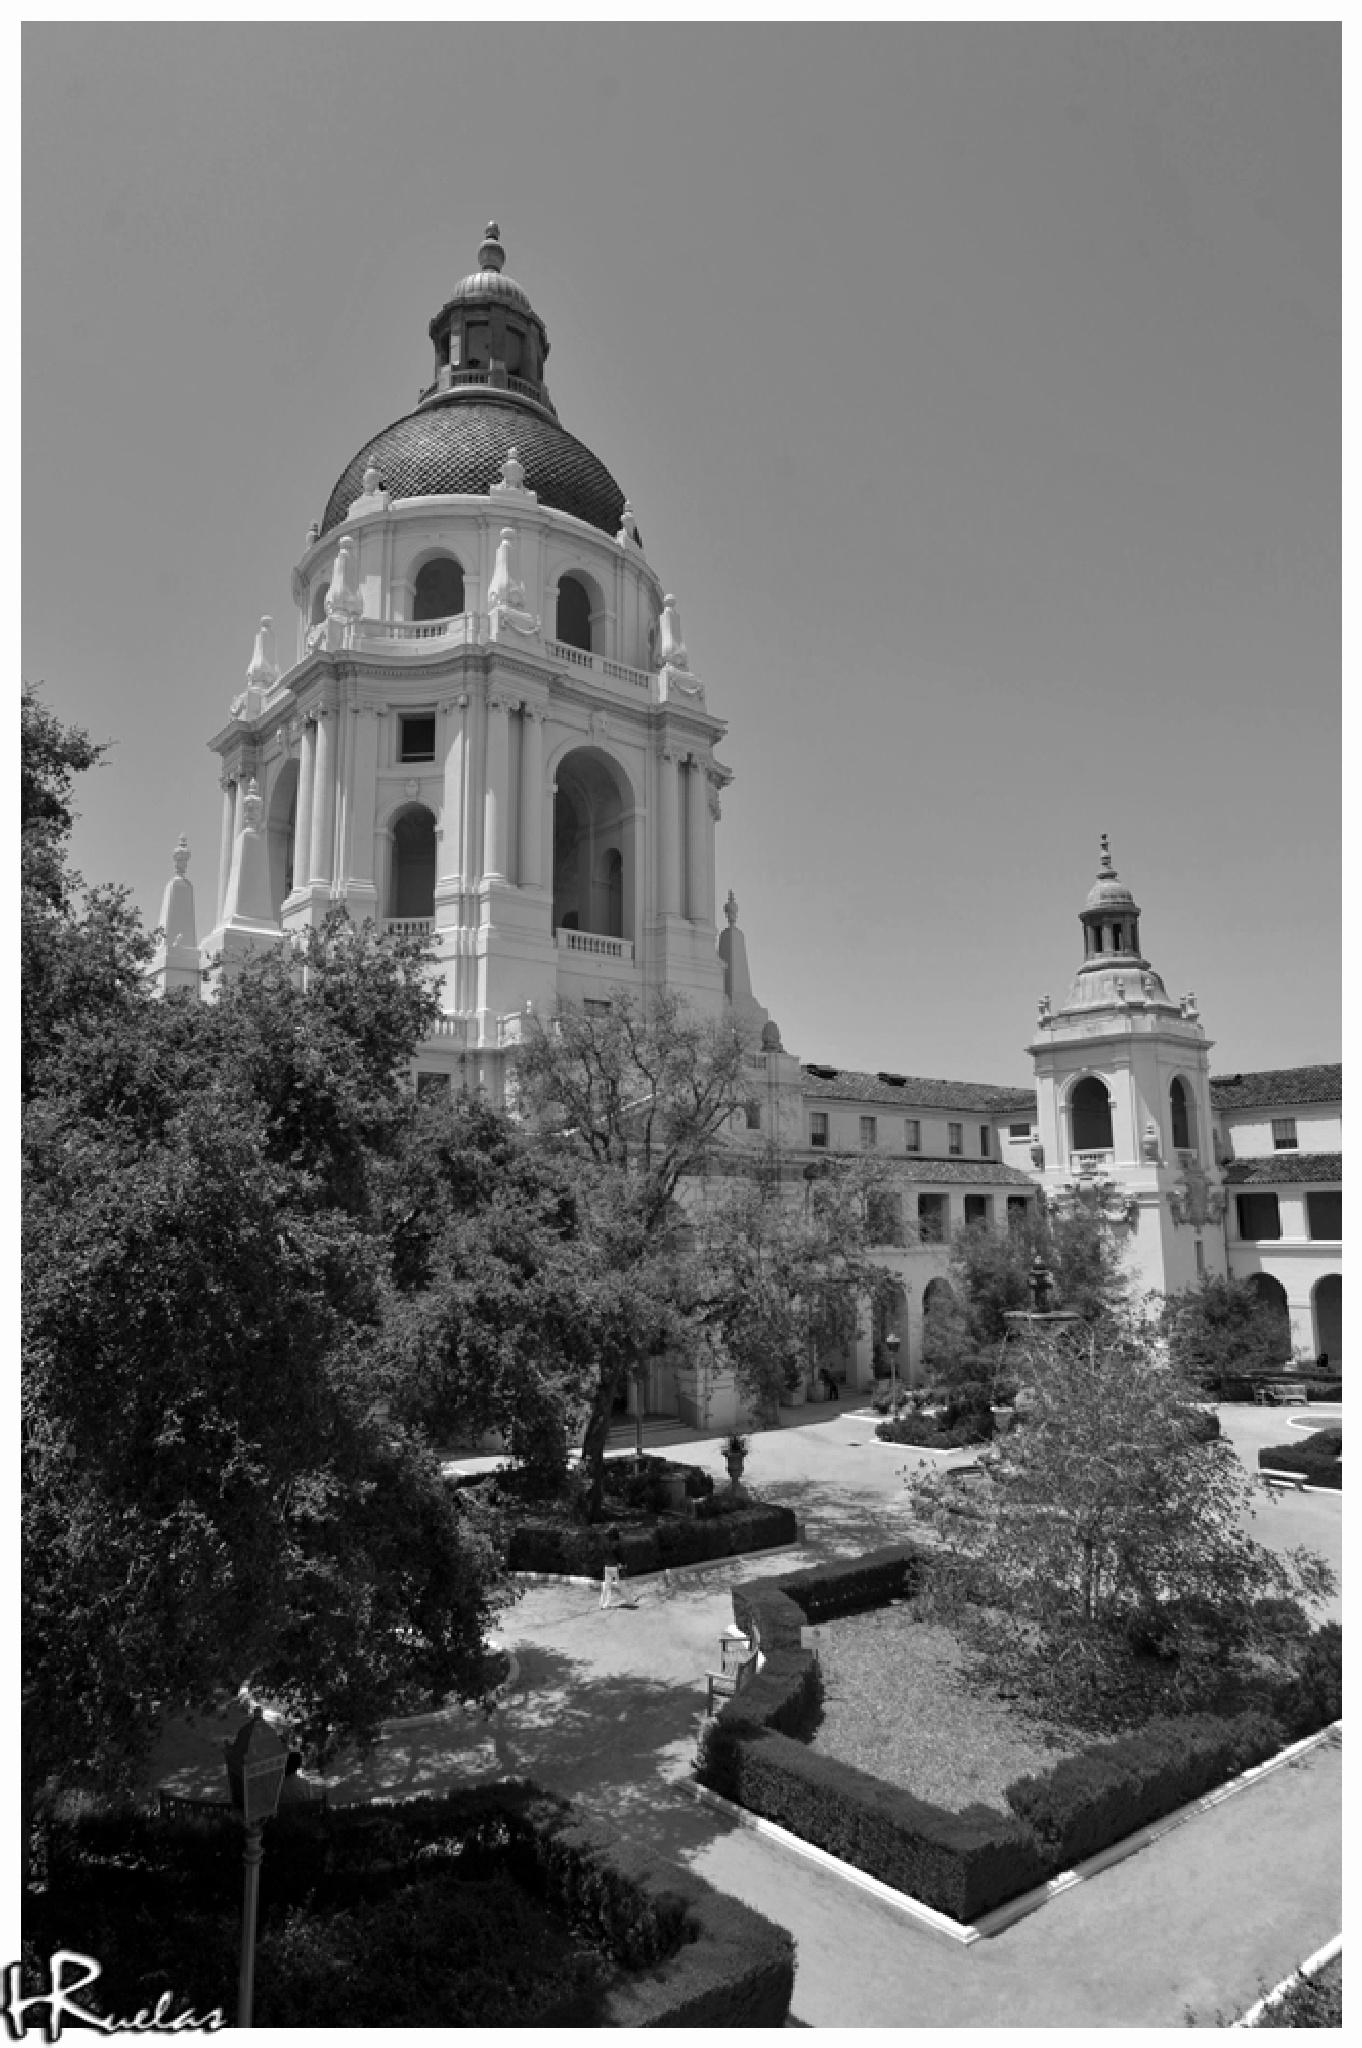 Pasadena City Hall B&W by Hugo